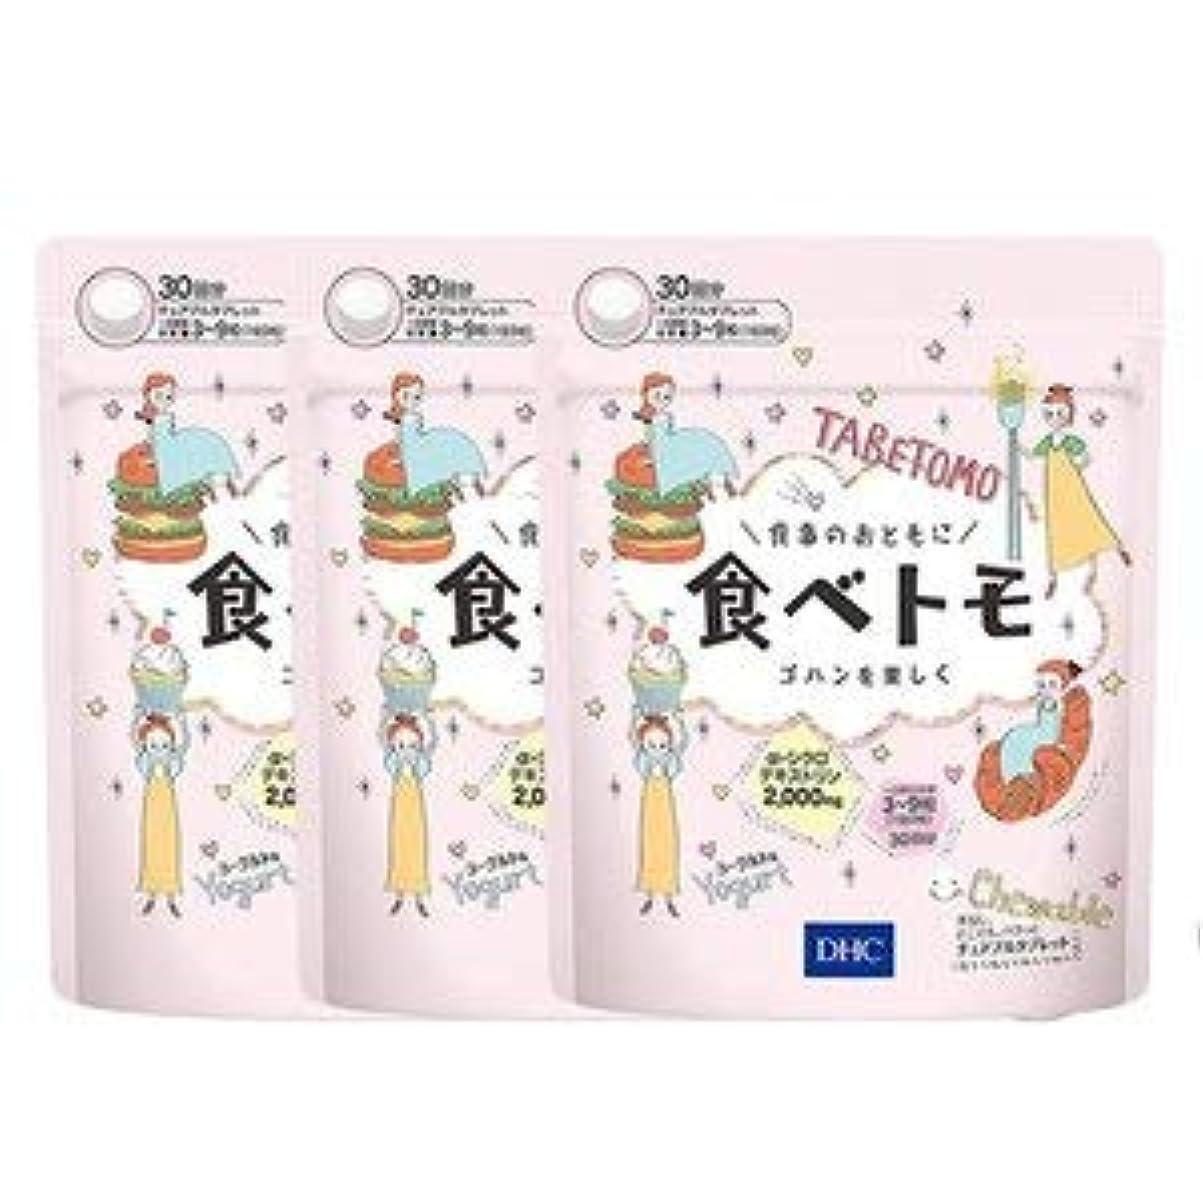 メイド洗剤完璧【送料無料】【6個でお買い得】DHC 食べトモ 30回分 90粒×6個